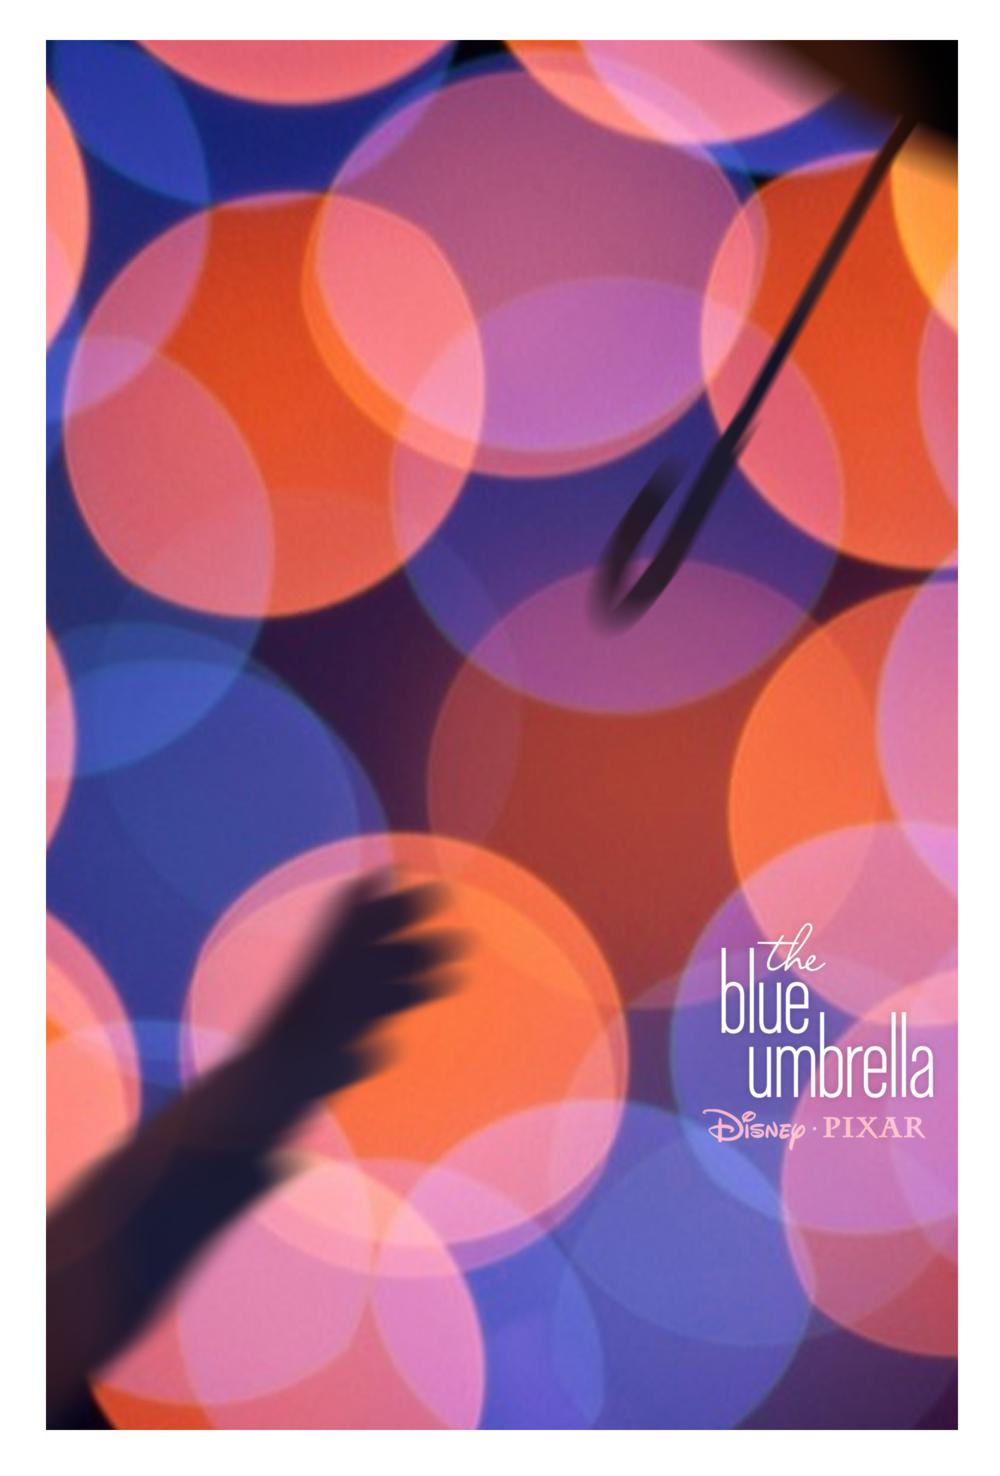 BlueUmbrellaPoster_Criterion.png